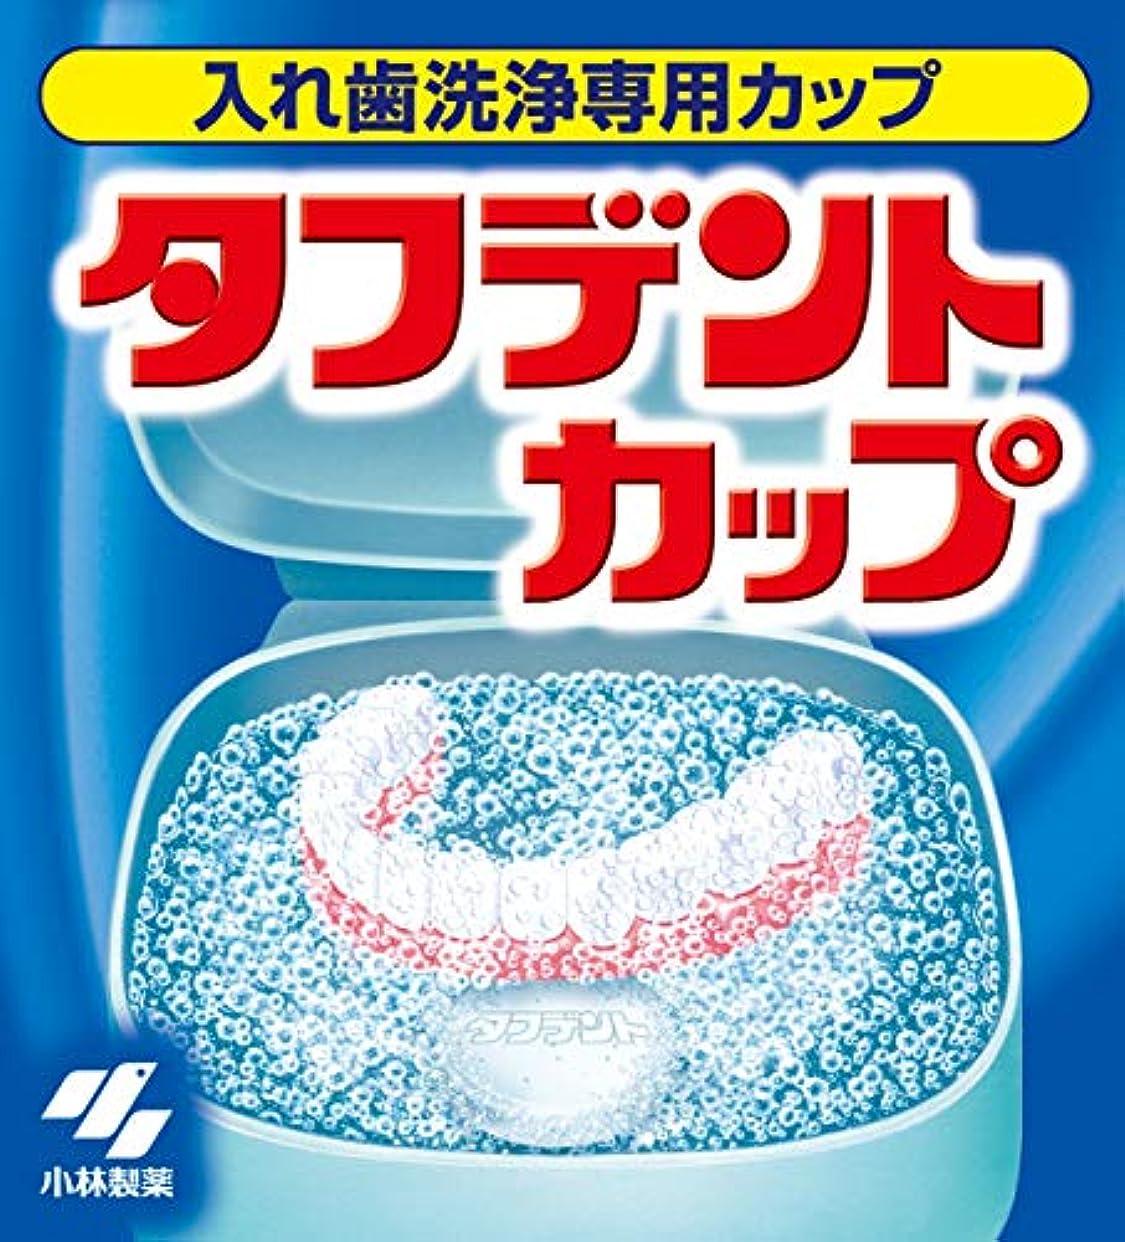 ウガンダ作成する開発タフデントカップ 入れ歯洗浄専用カップ